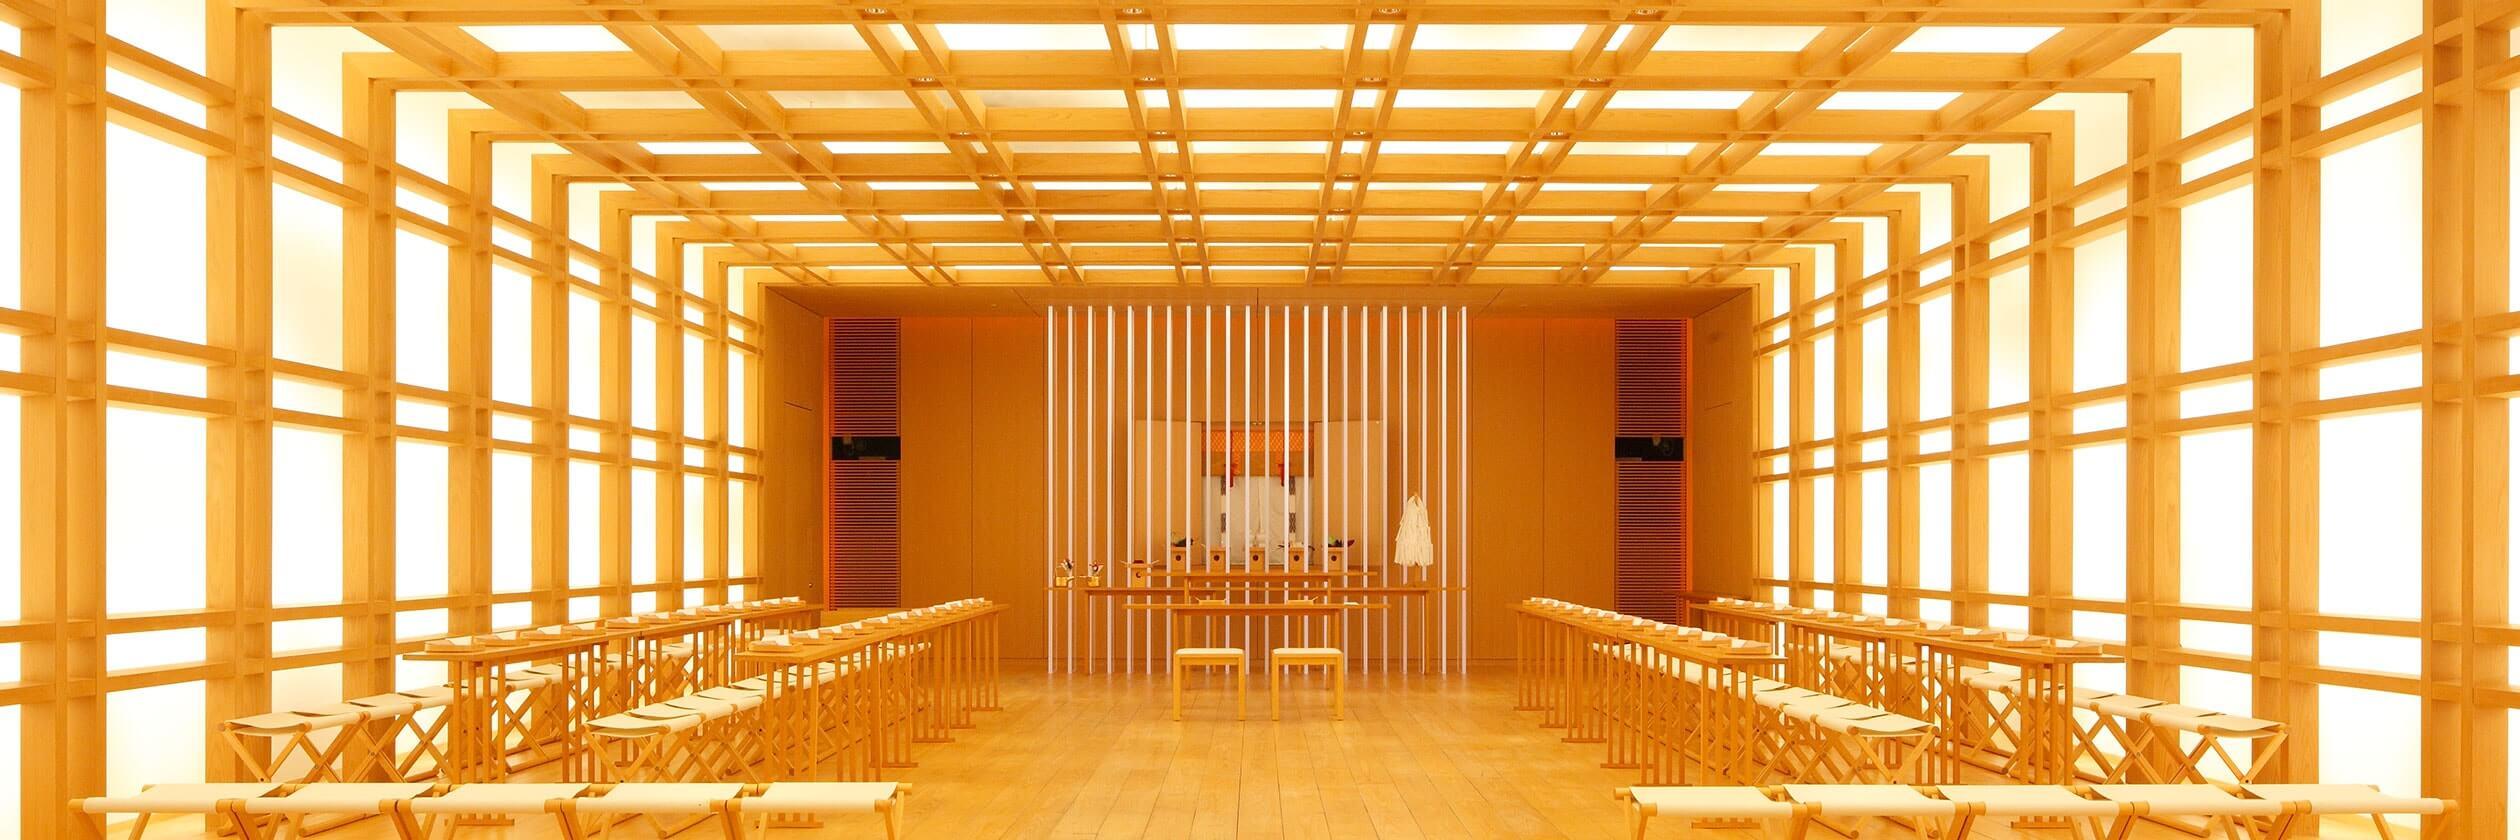 挙式 神殿5